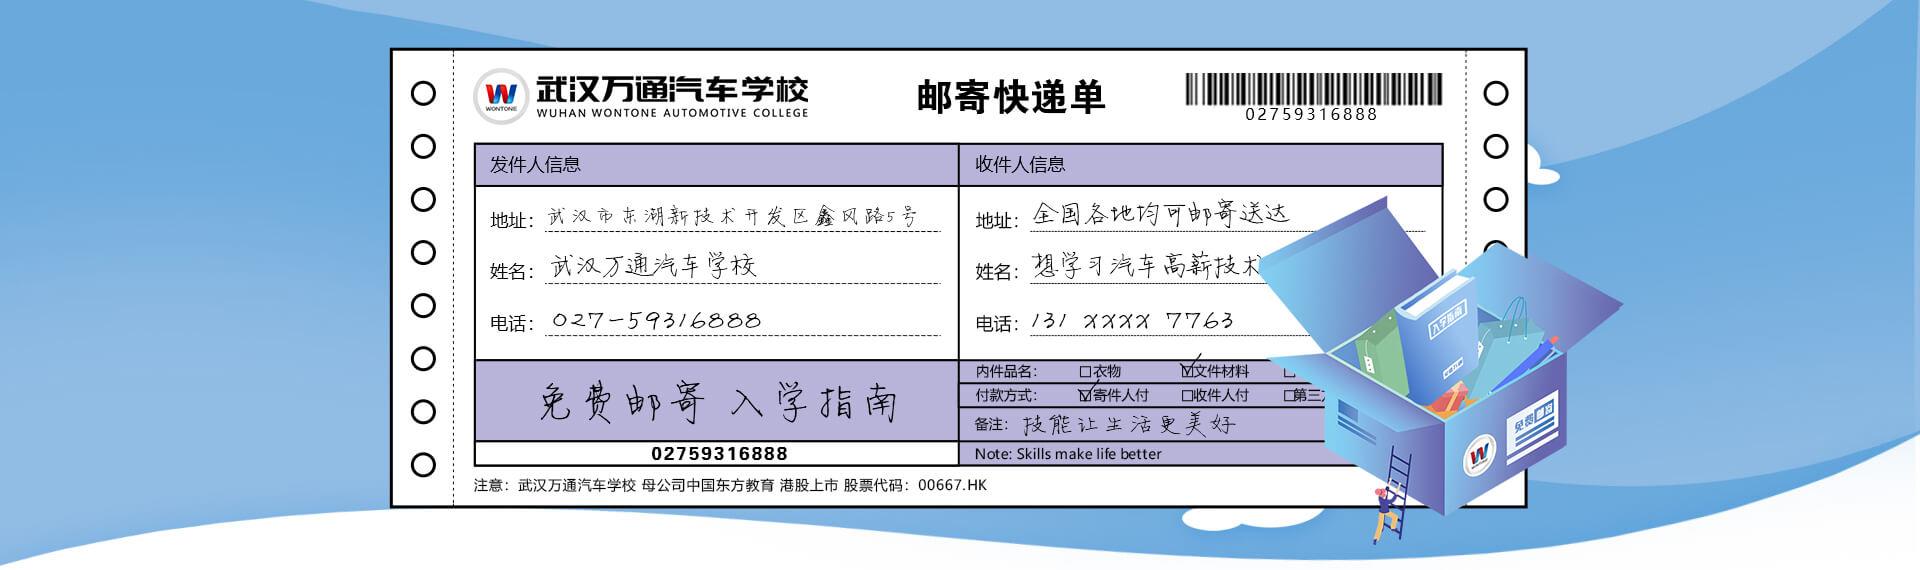 邮寄快递_到武汉万通汽修学校